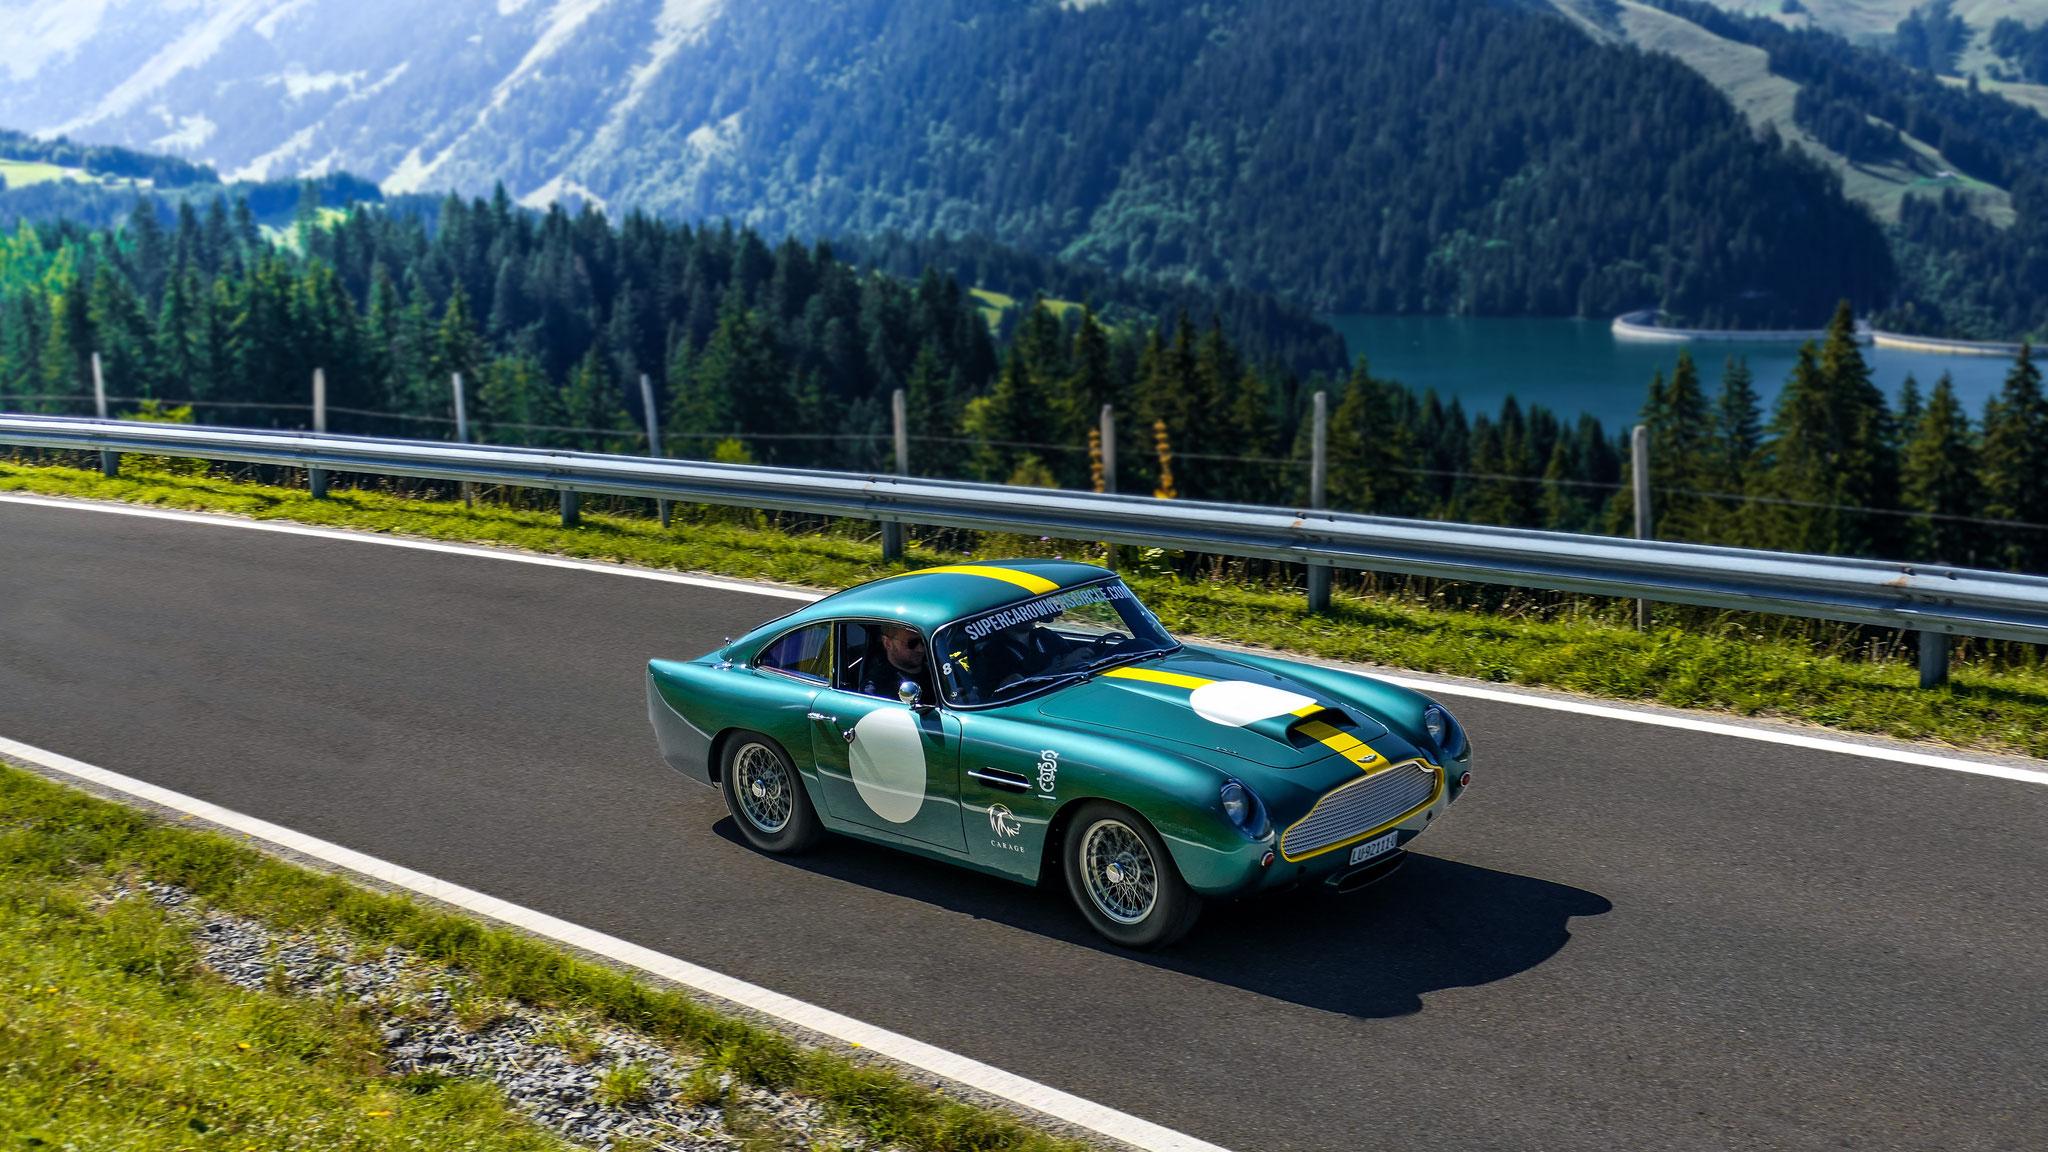 Aston Martin DB4 GT - LU-92111-U (CH)